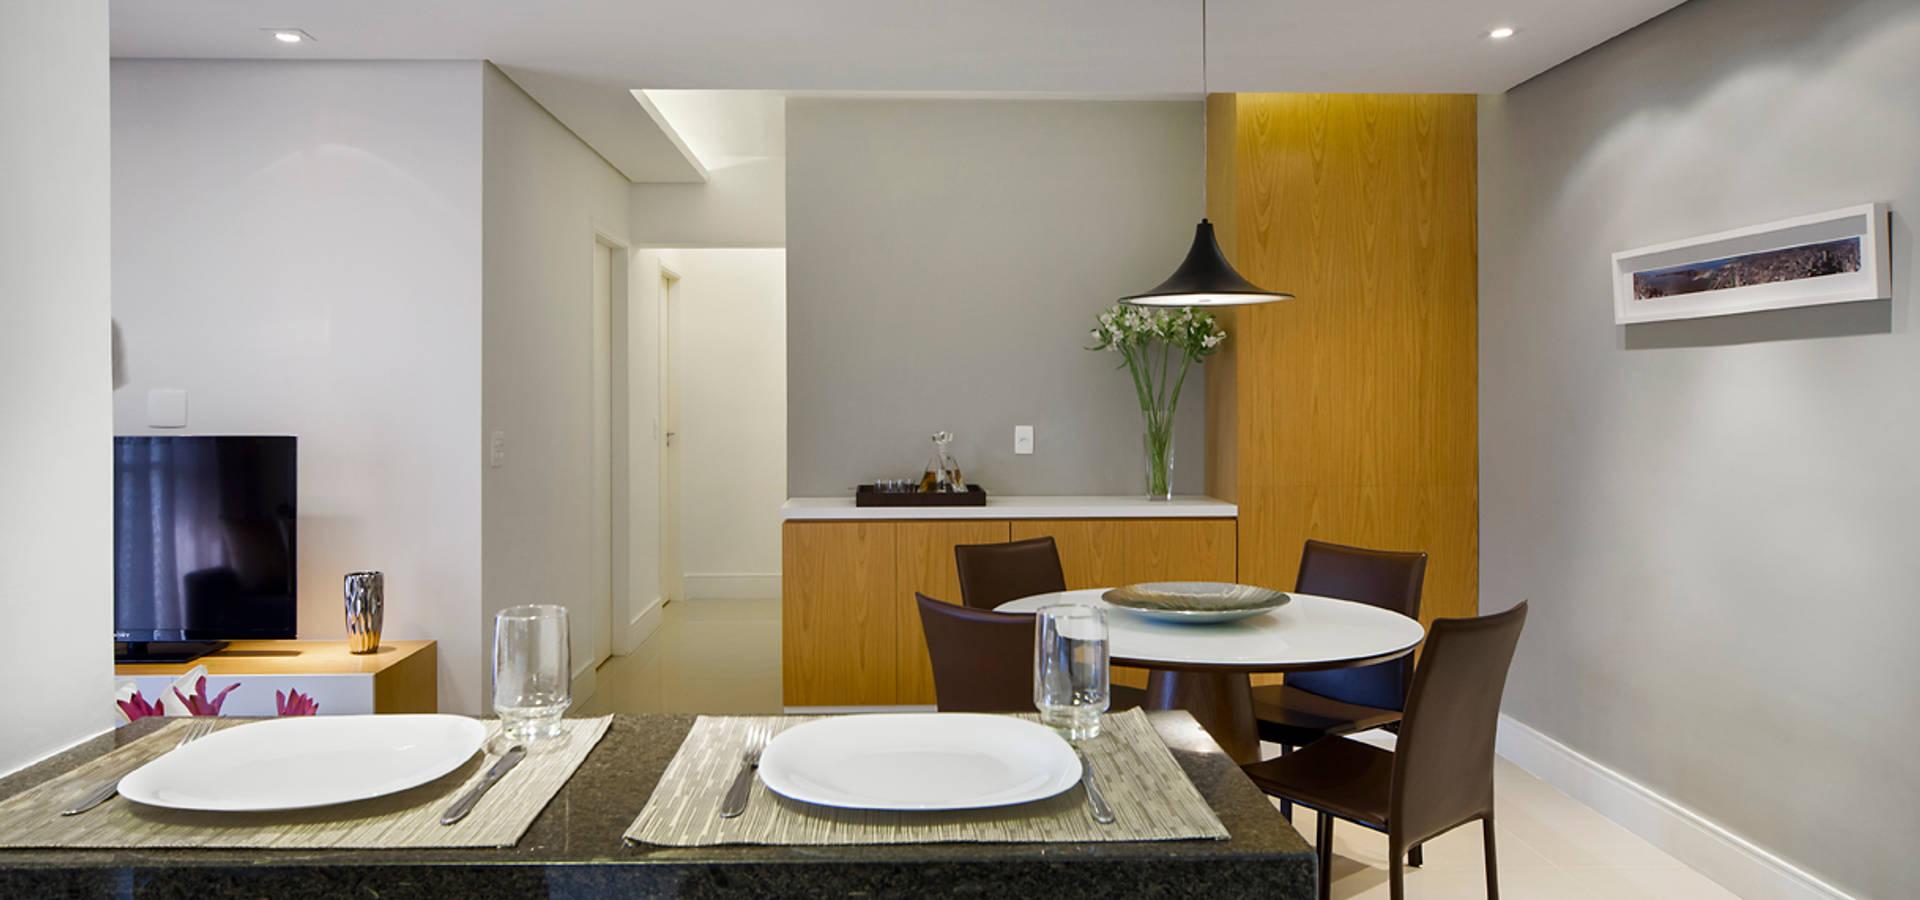 Casa 27 Arquitetura e Interiores